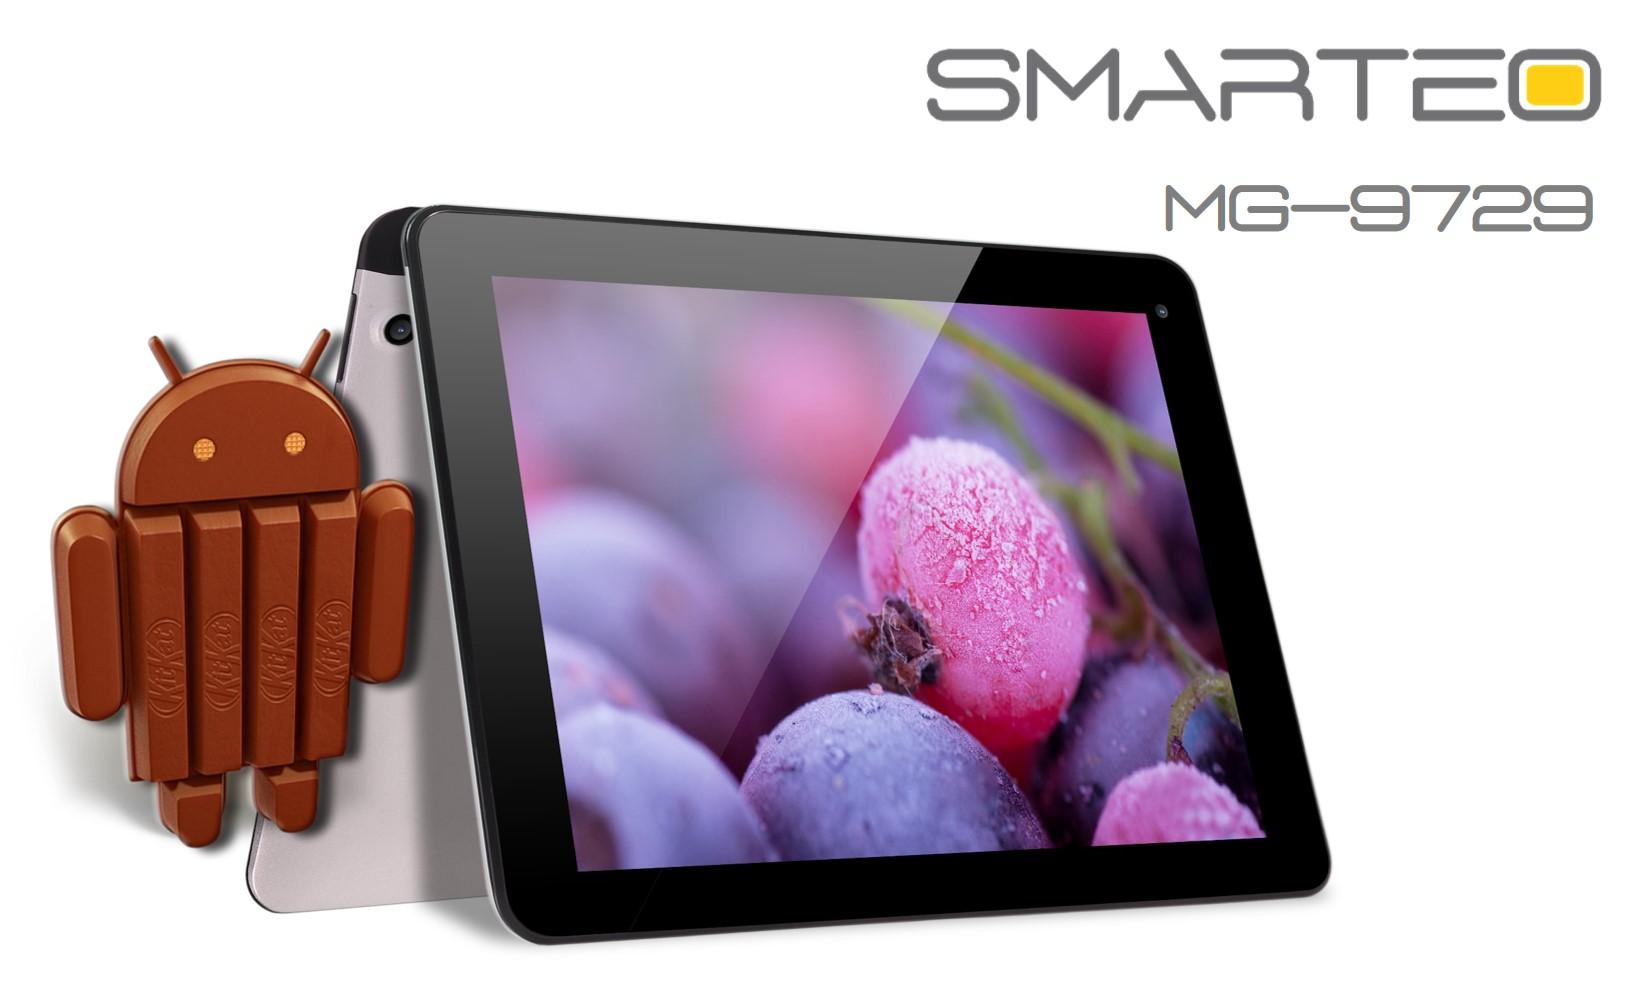 Προσφορά SaleTime - TABLET SMARTEO-9729 - Ειδικη προσφορά SMARTEO-9729 9,7ιντσών- με RAM 2GB, μνήμη 16GB,4πύρηνο επεξεργαστή quad core, Bluetooth, 4πύρηνη κάρτα γραφικών ...